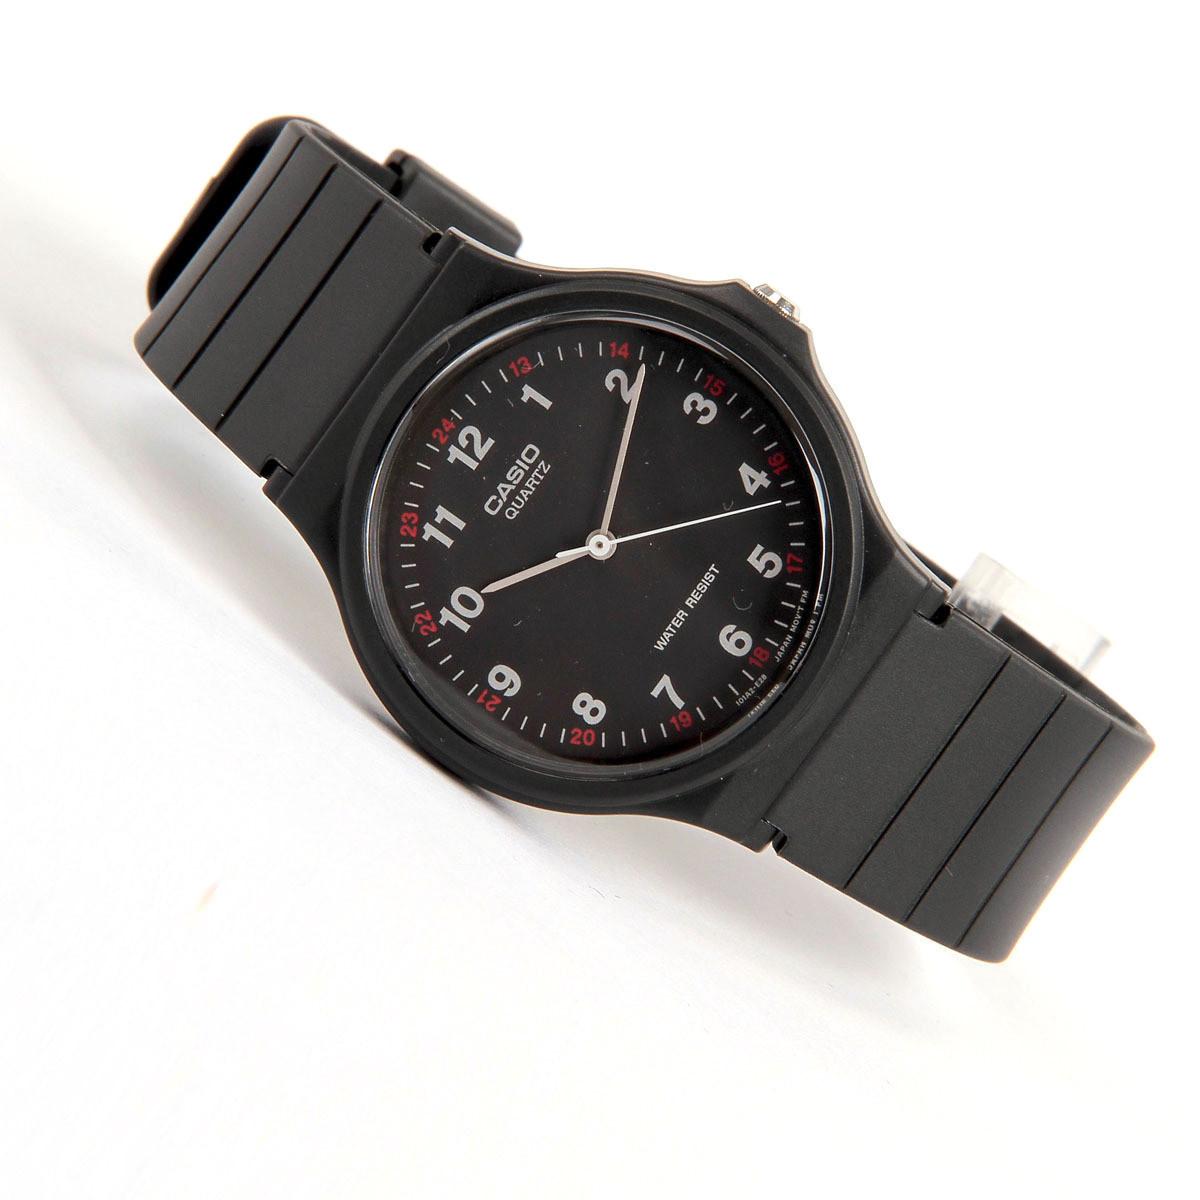 CASIO MQ-24-1B - купить часы в официальном магазине CASIO